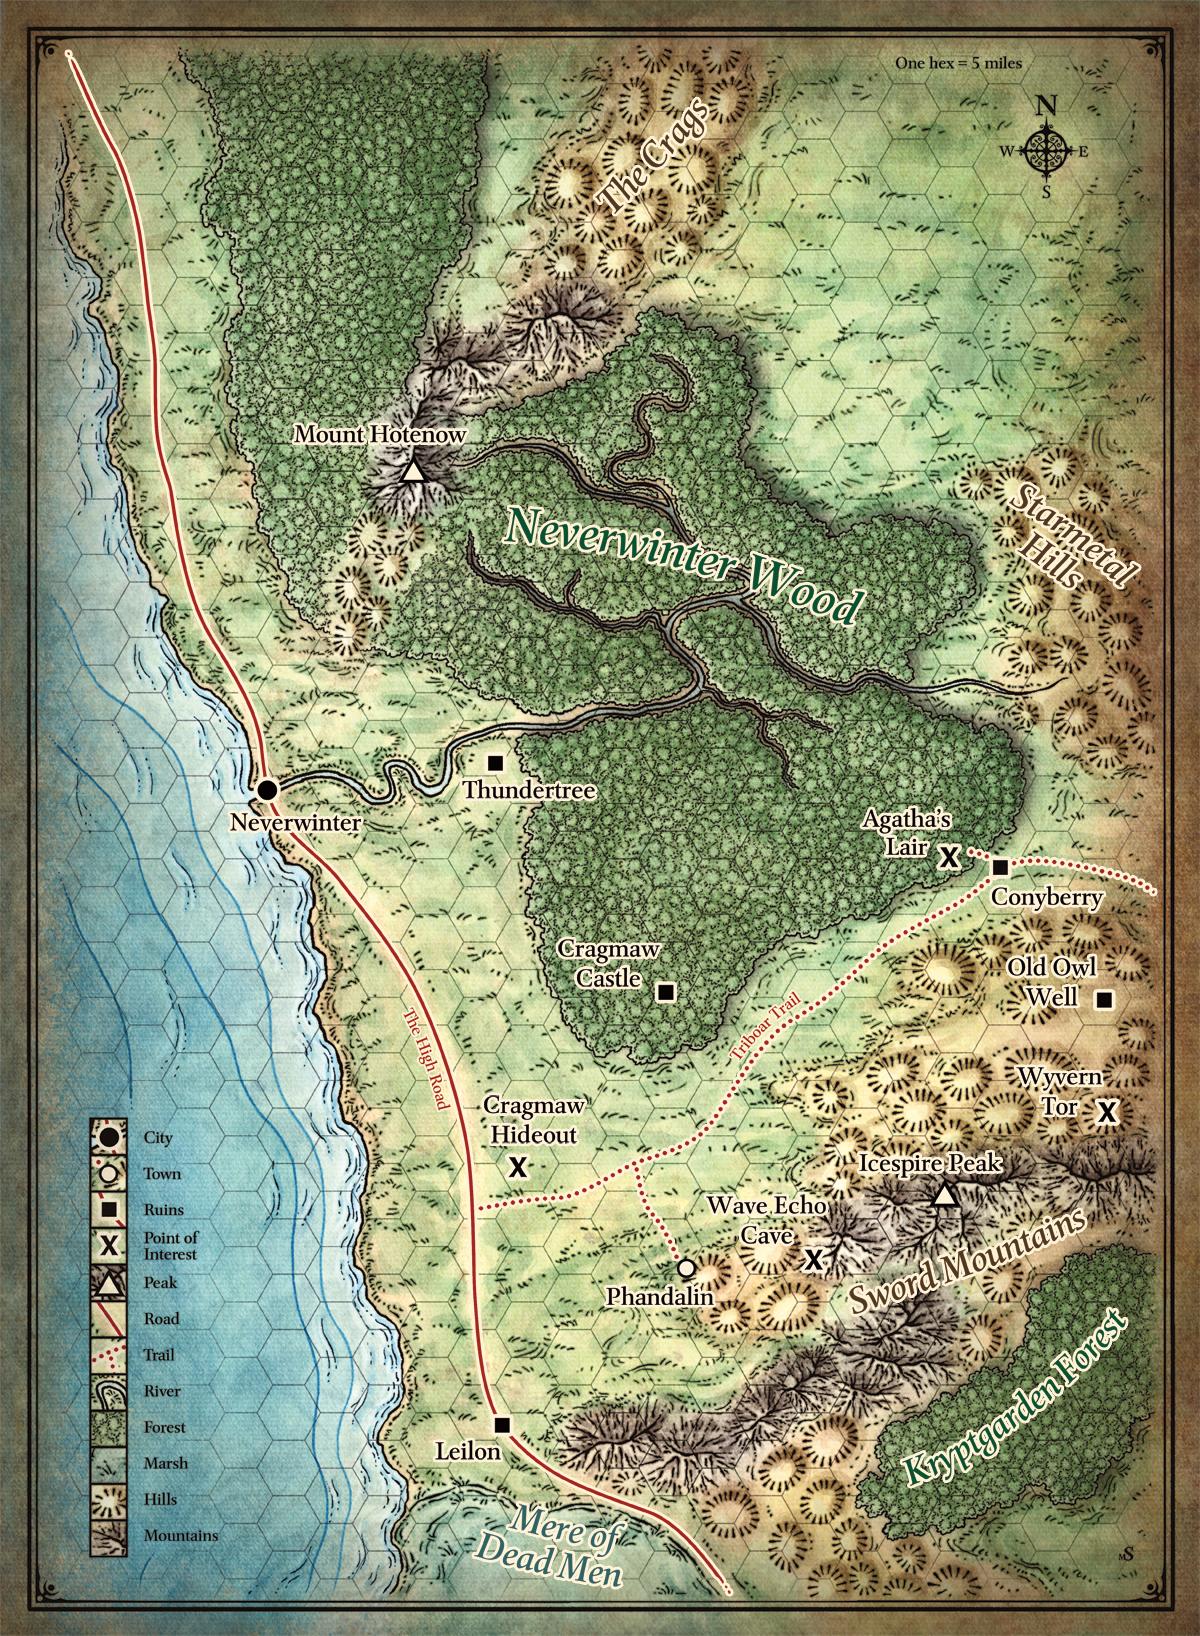 dnd forgotten_realms map neverwinter phandalin